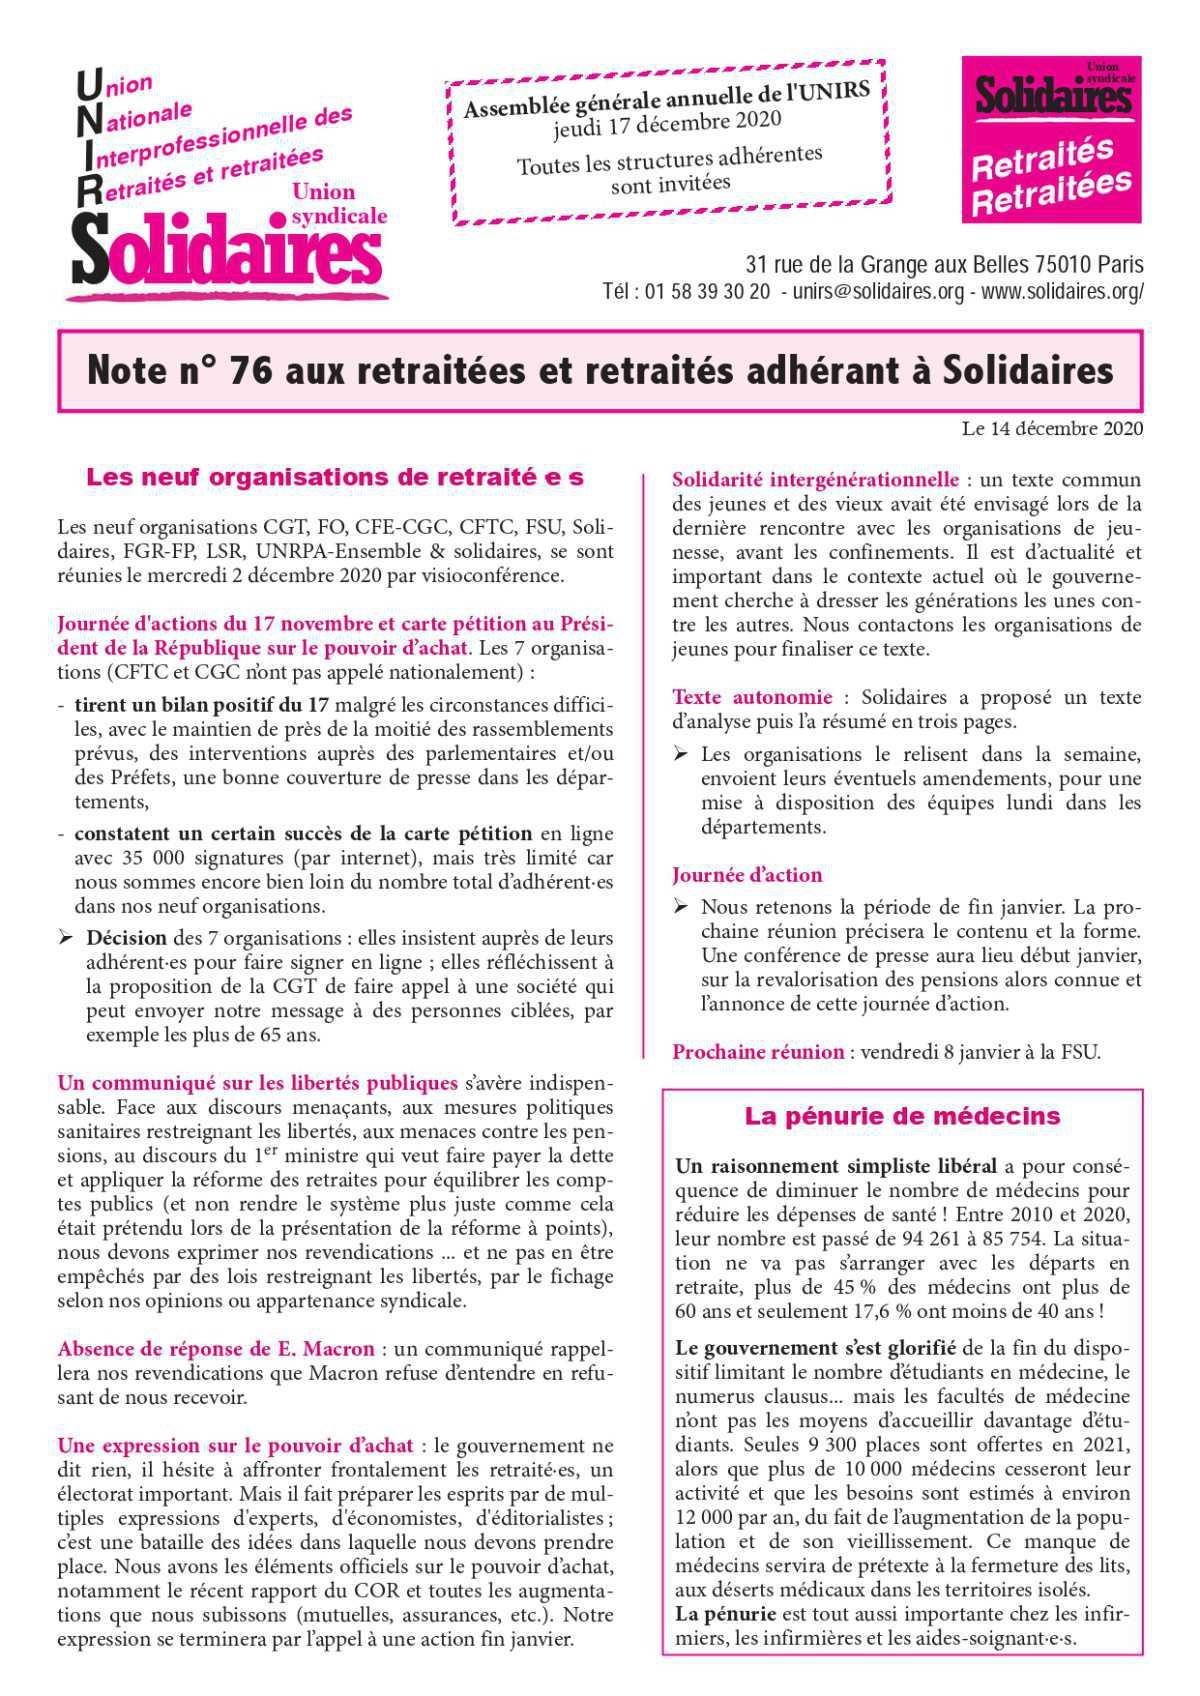 Note n° 76 aux retraitées et retraités adhérant à Solidaires